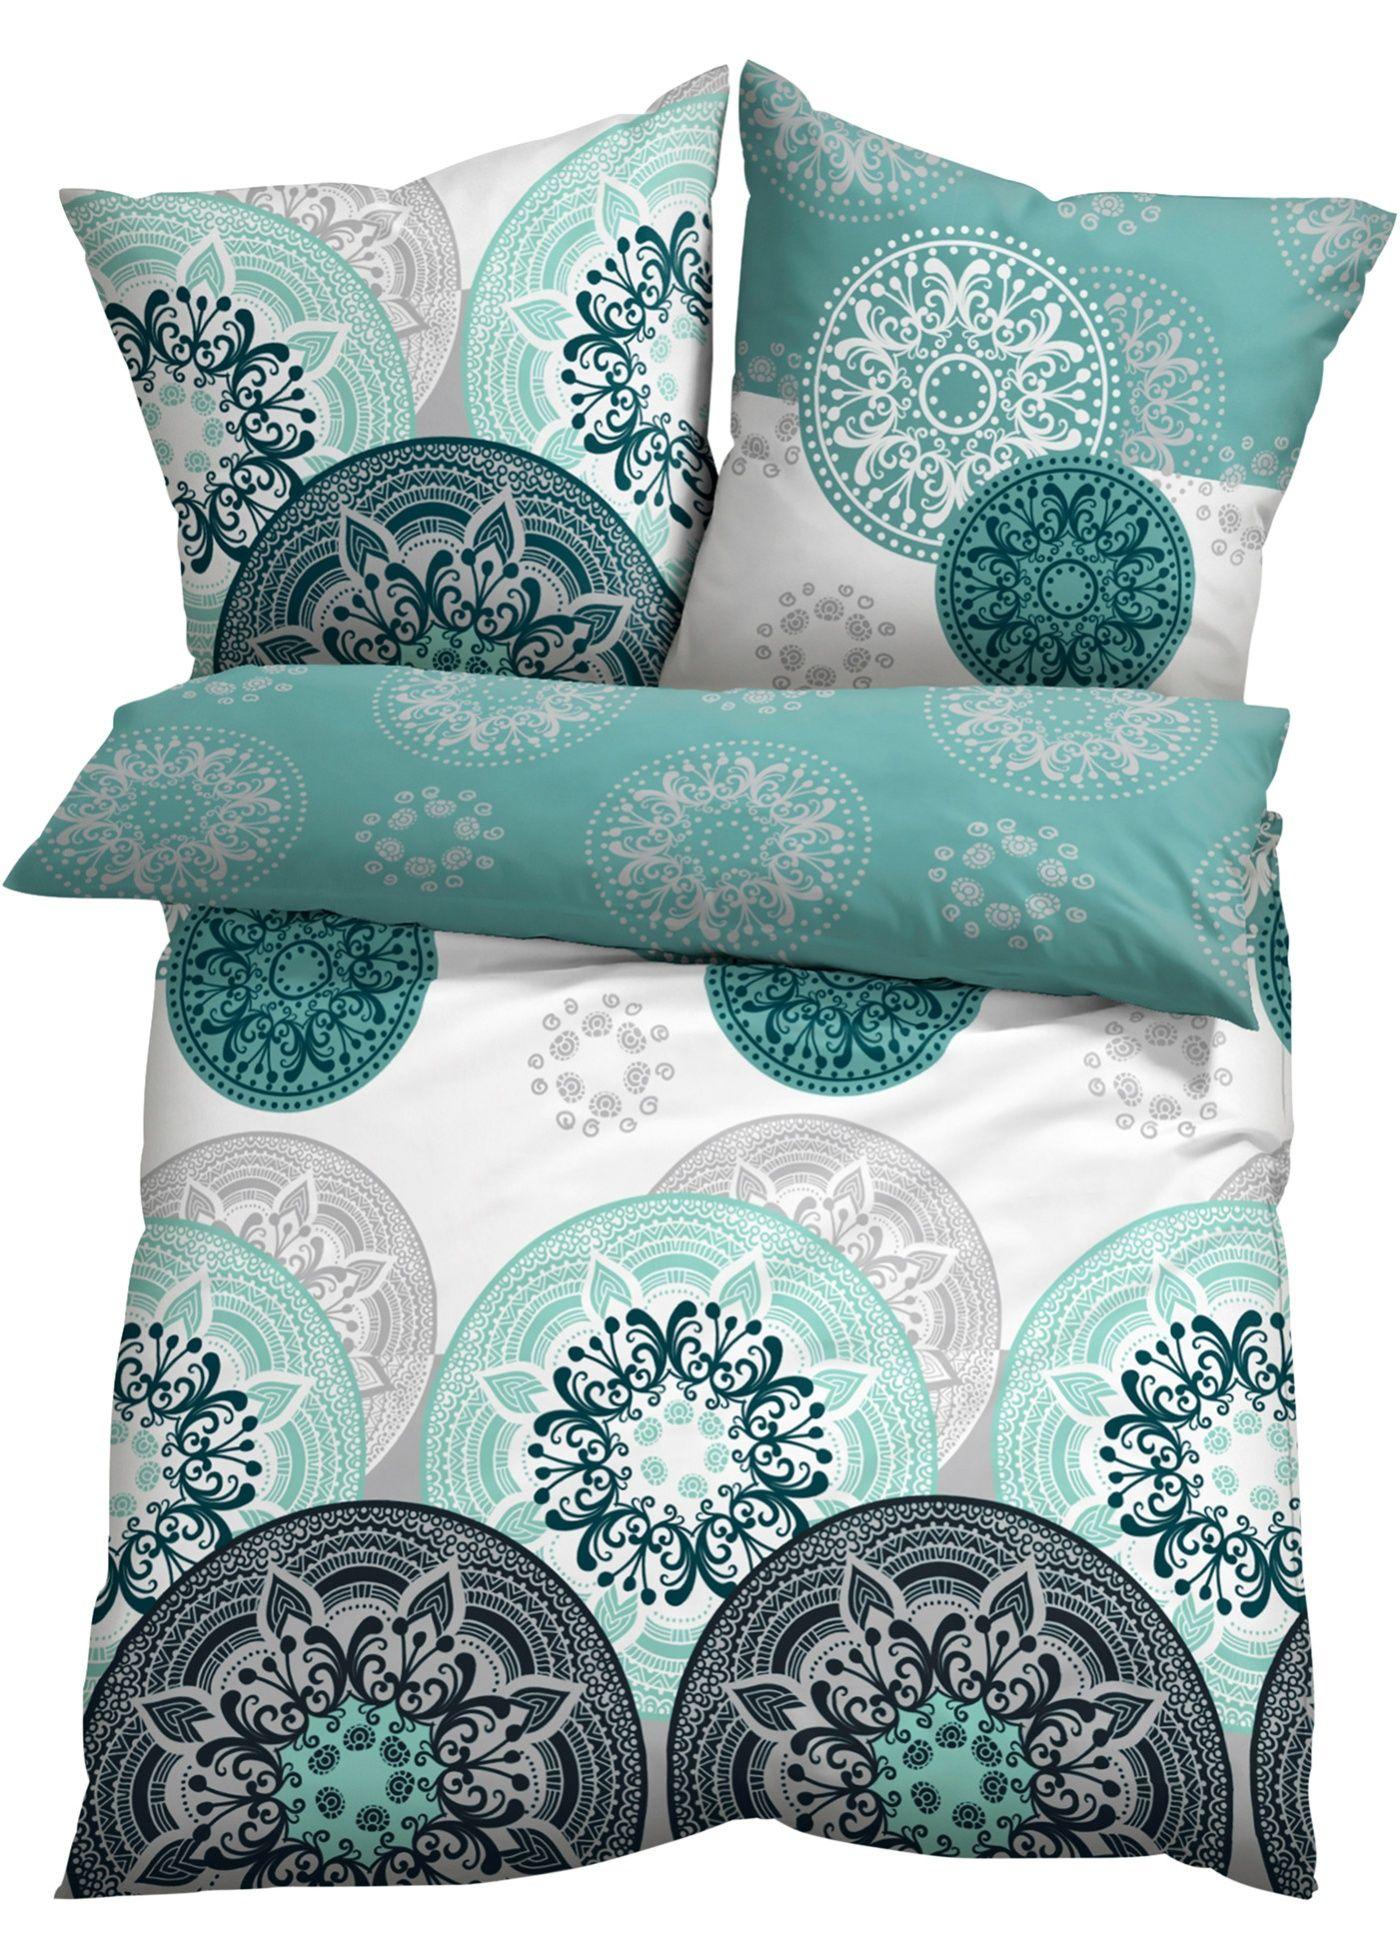 Bettwasche Mit Ornamenten Biber Bettwasche Modern Schone